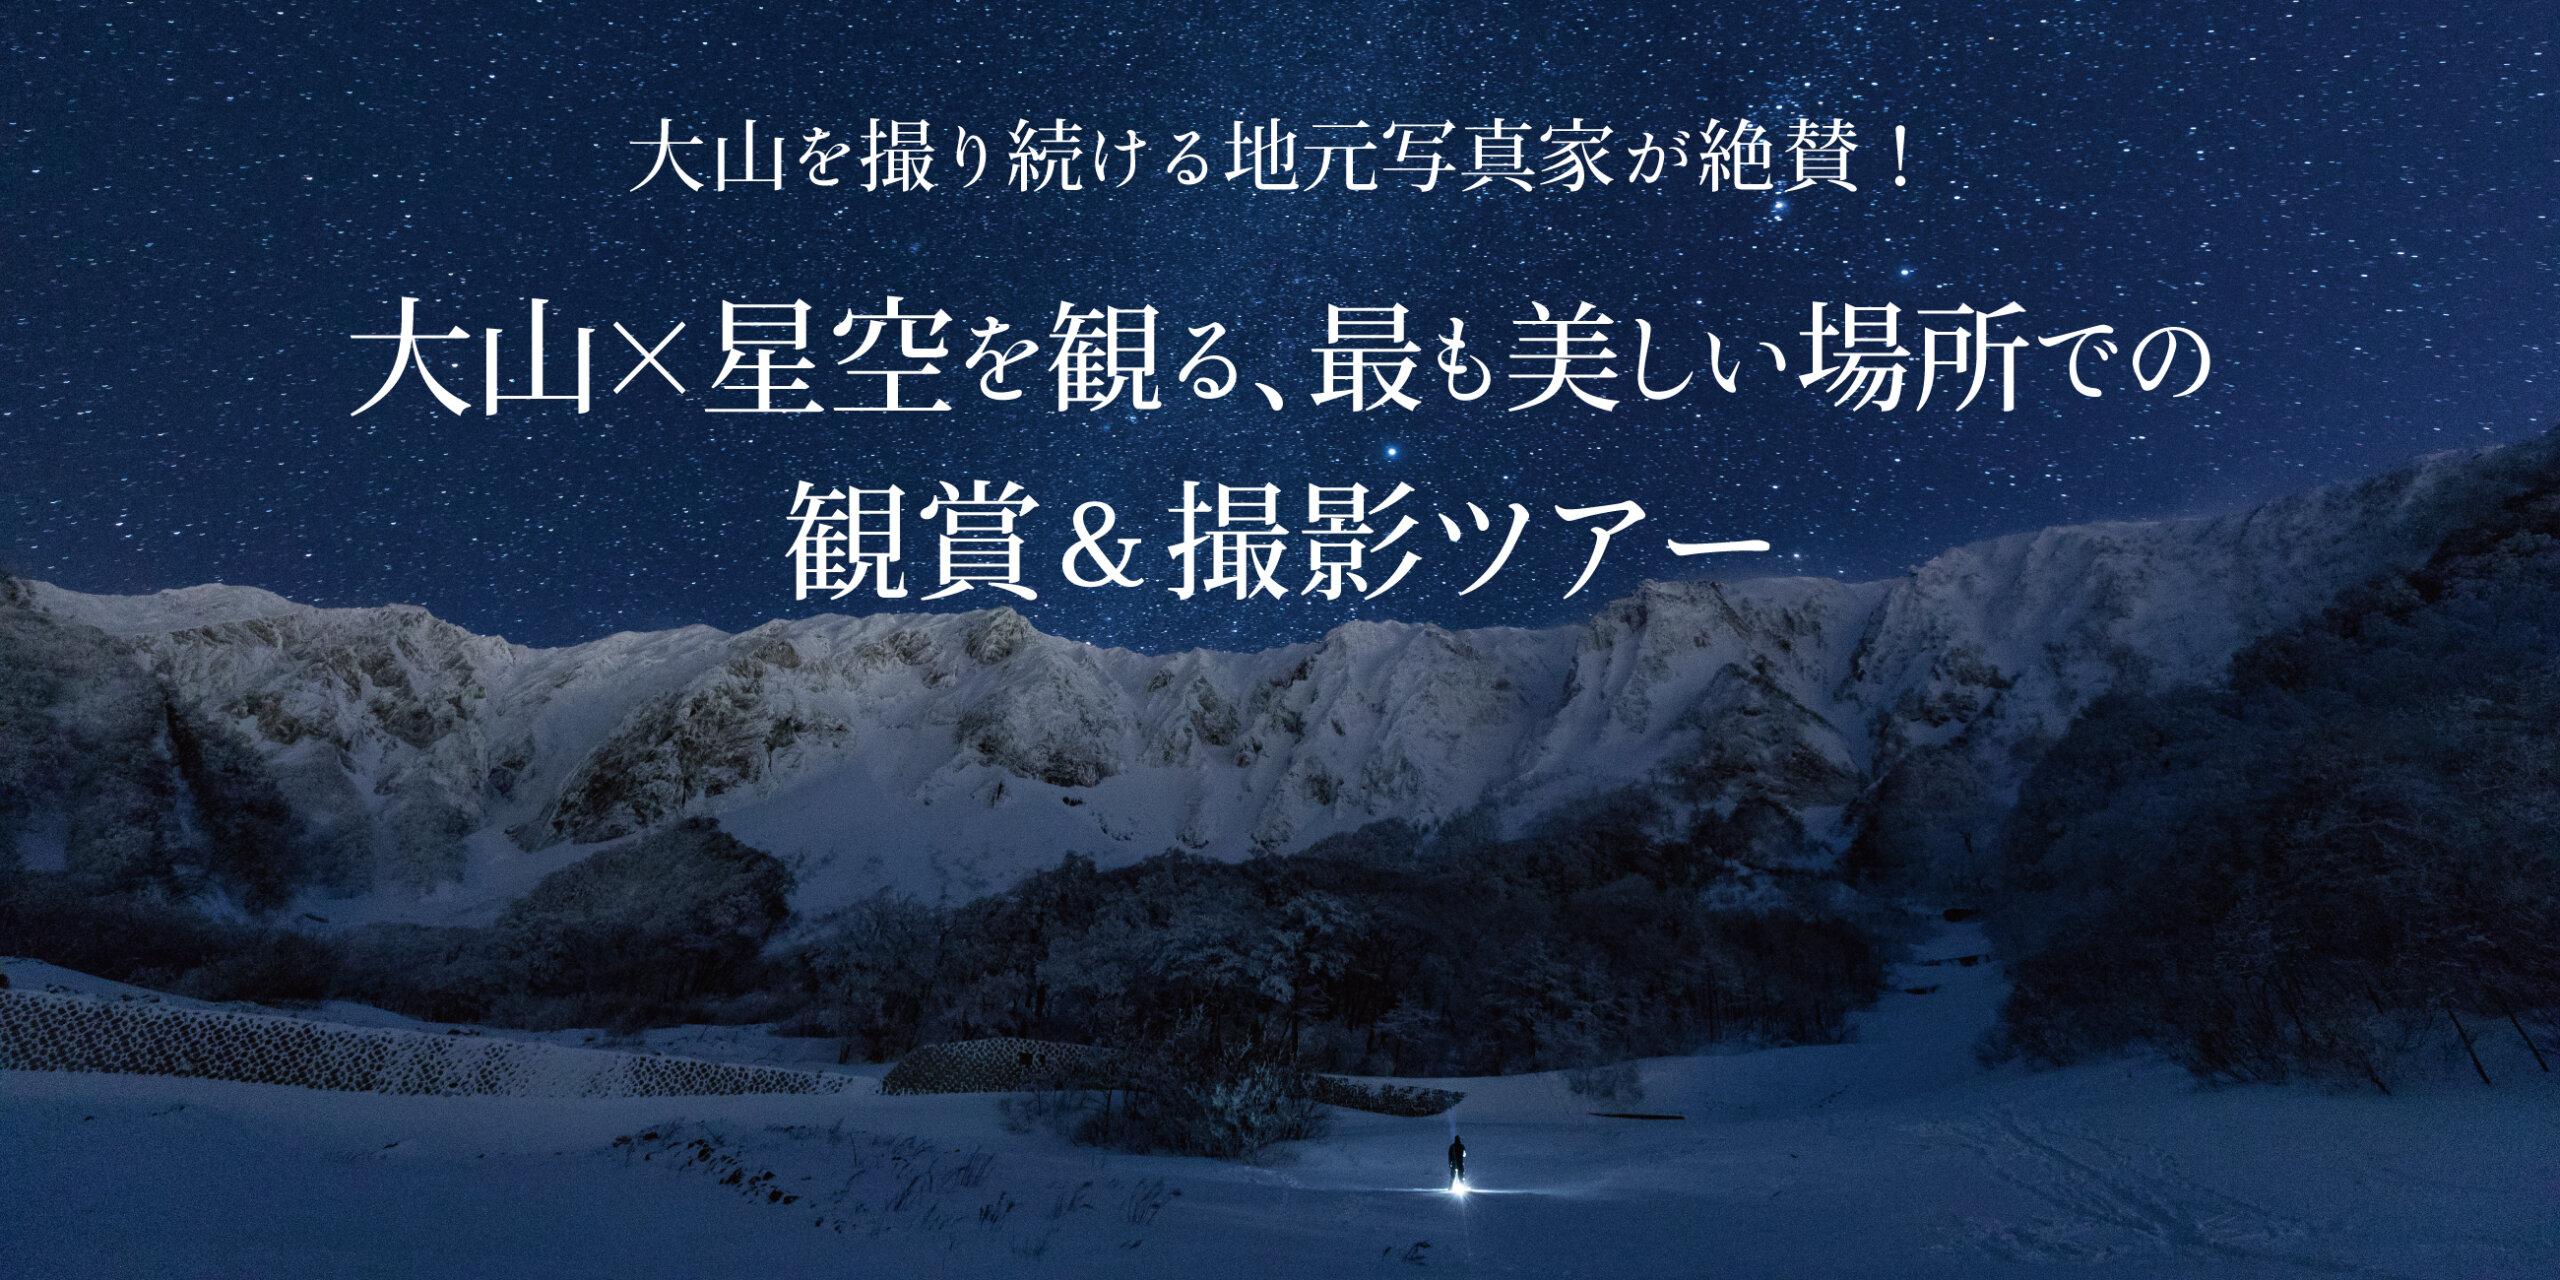 【大山と星空の絶景を鑑賞と撮影を行うことを目的としたツアー】